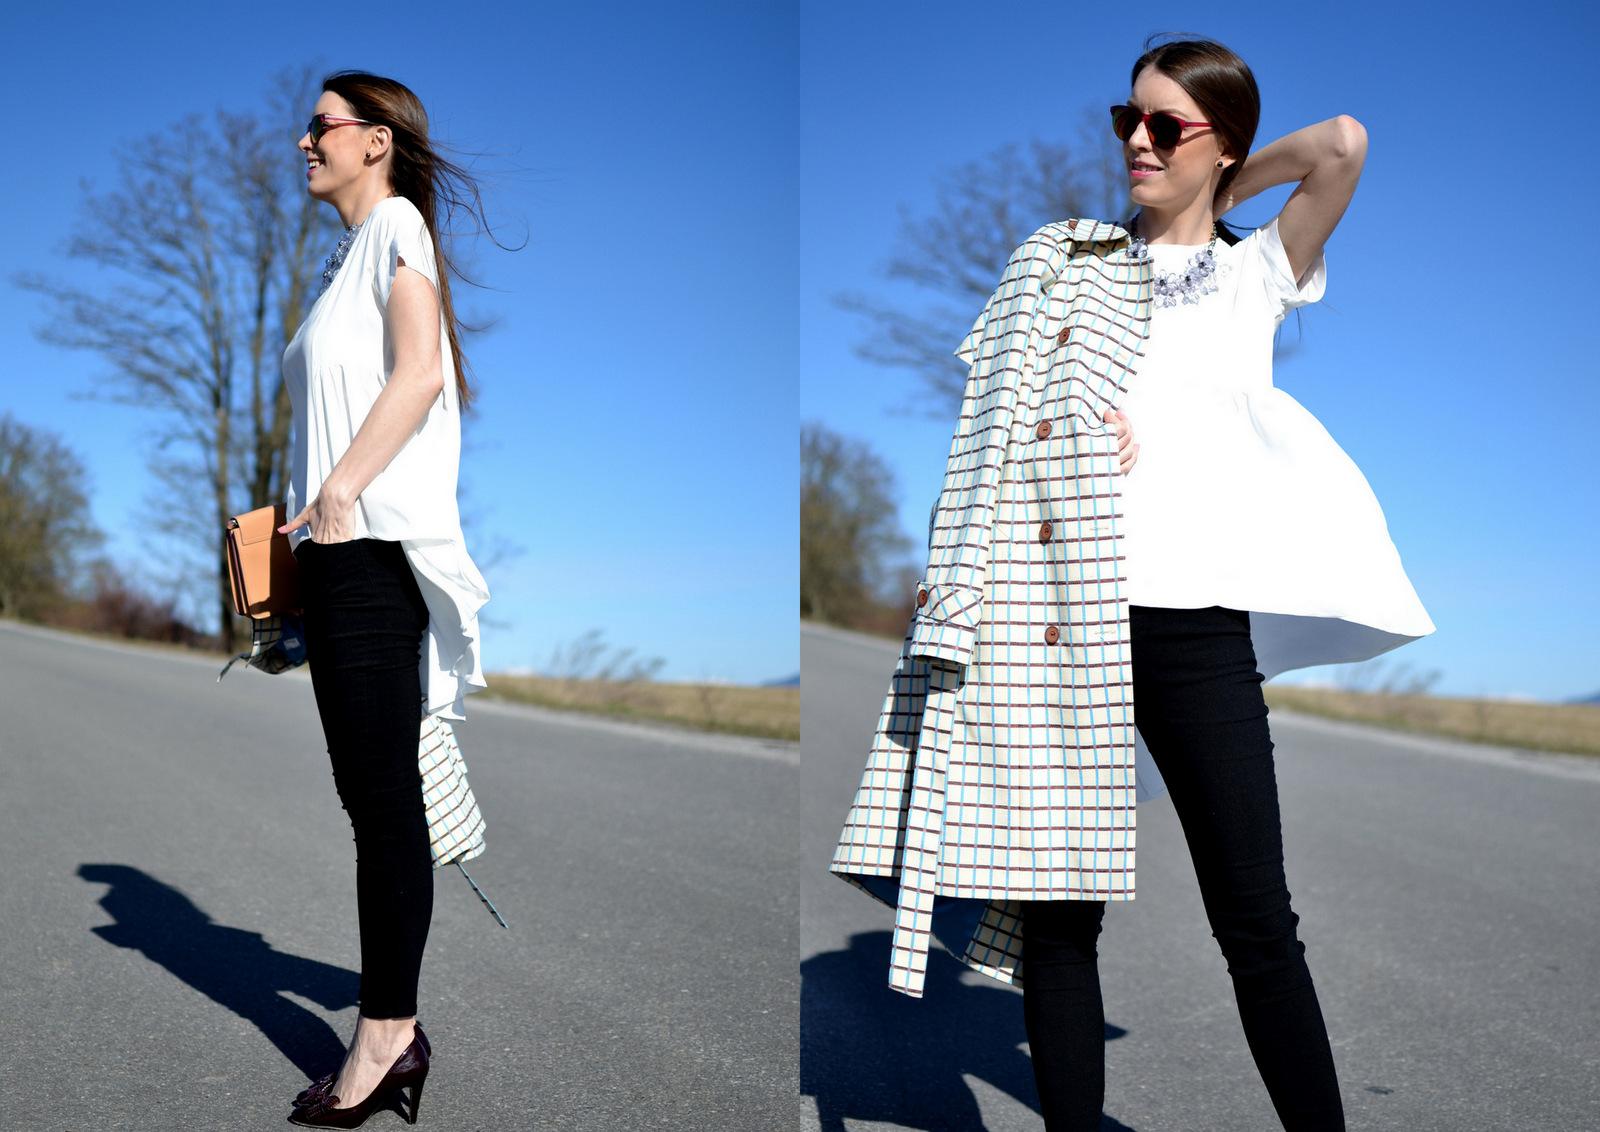 biely predĺžený top s čiernymi nohavicami // jarný handmade kabát opäť v outfite